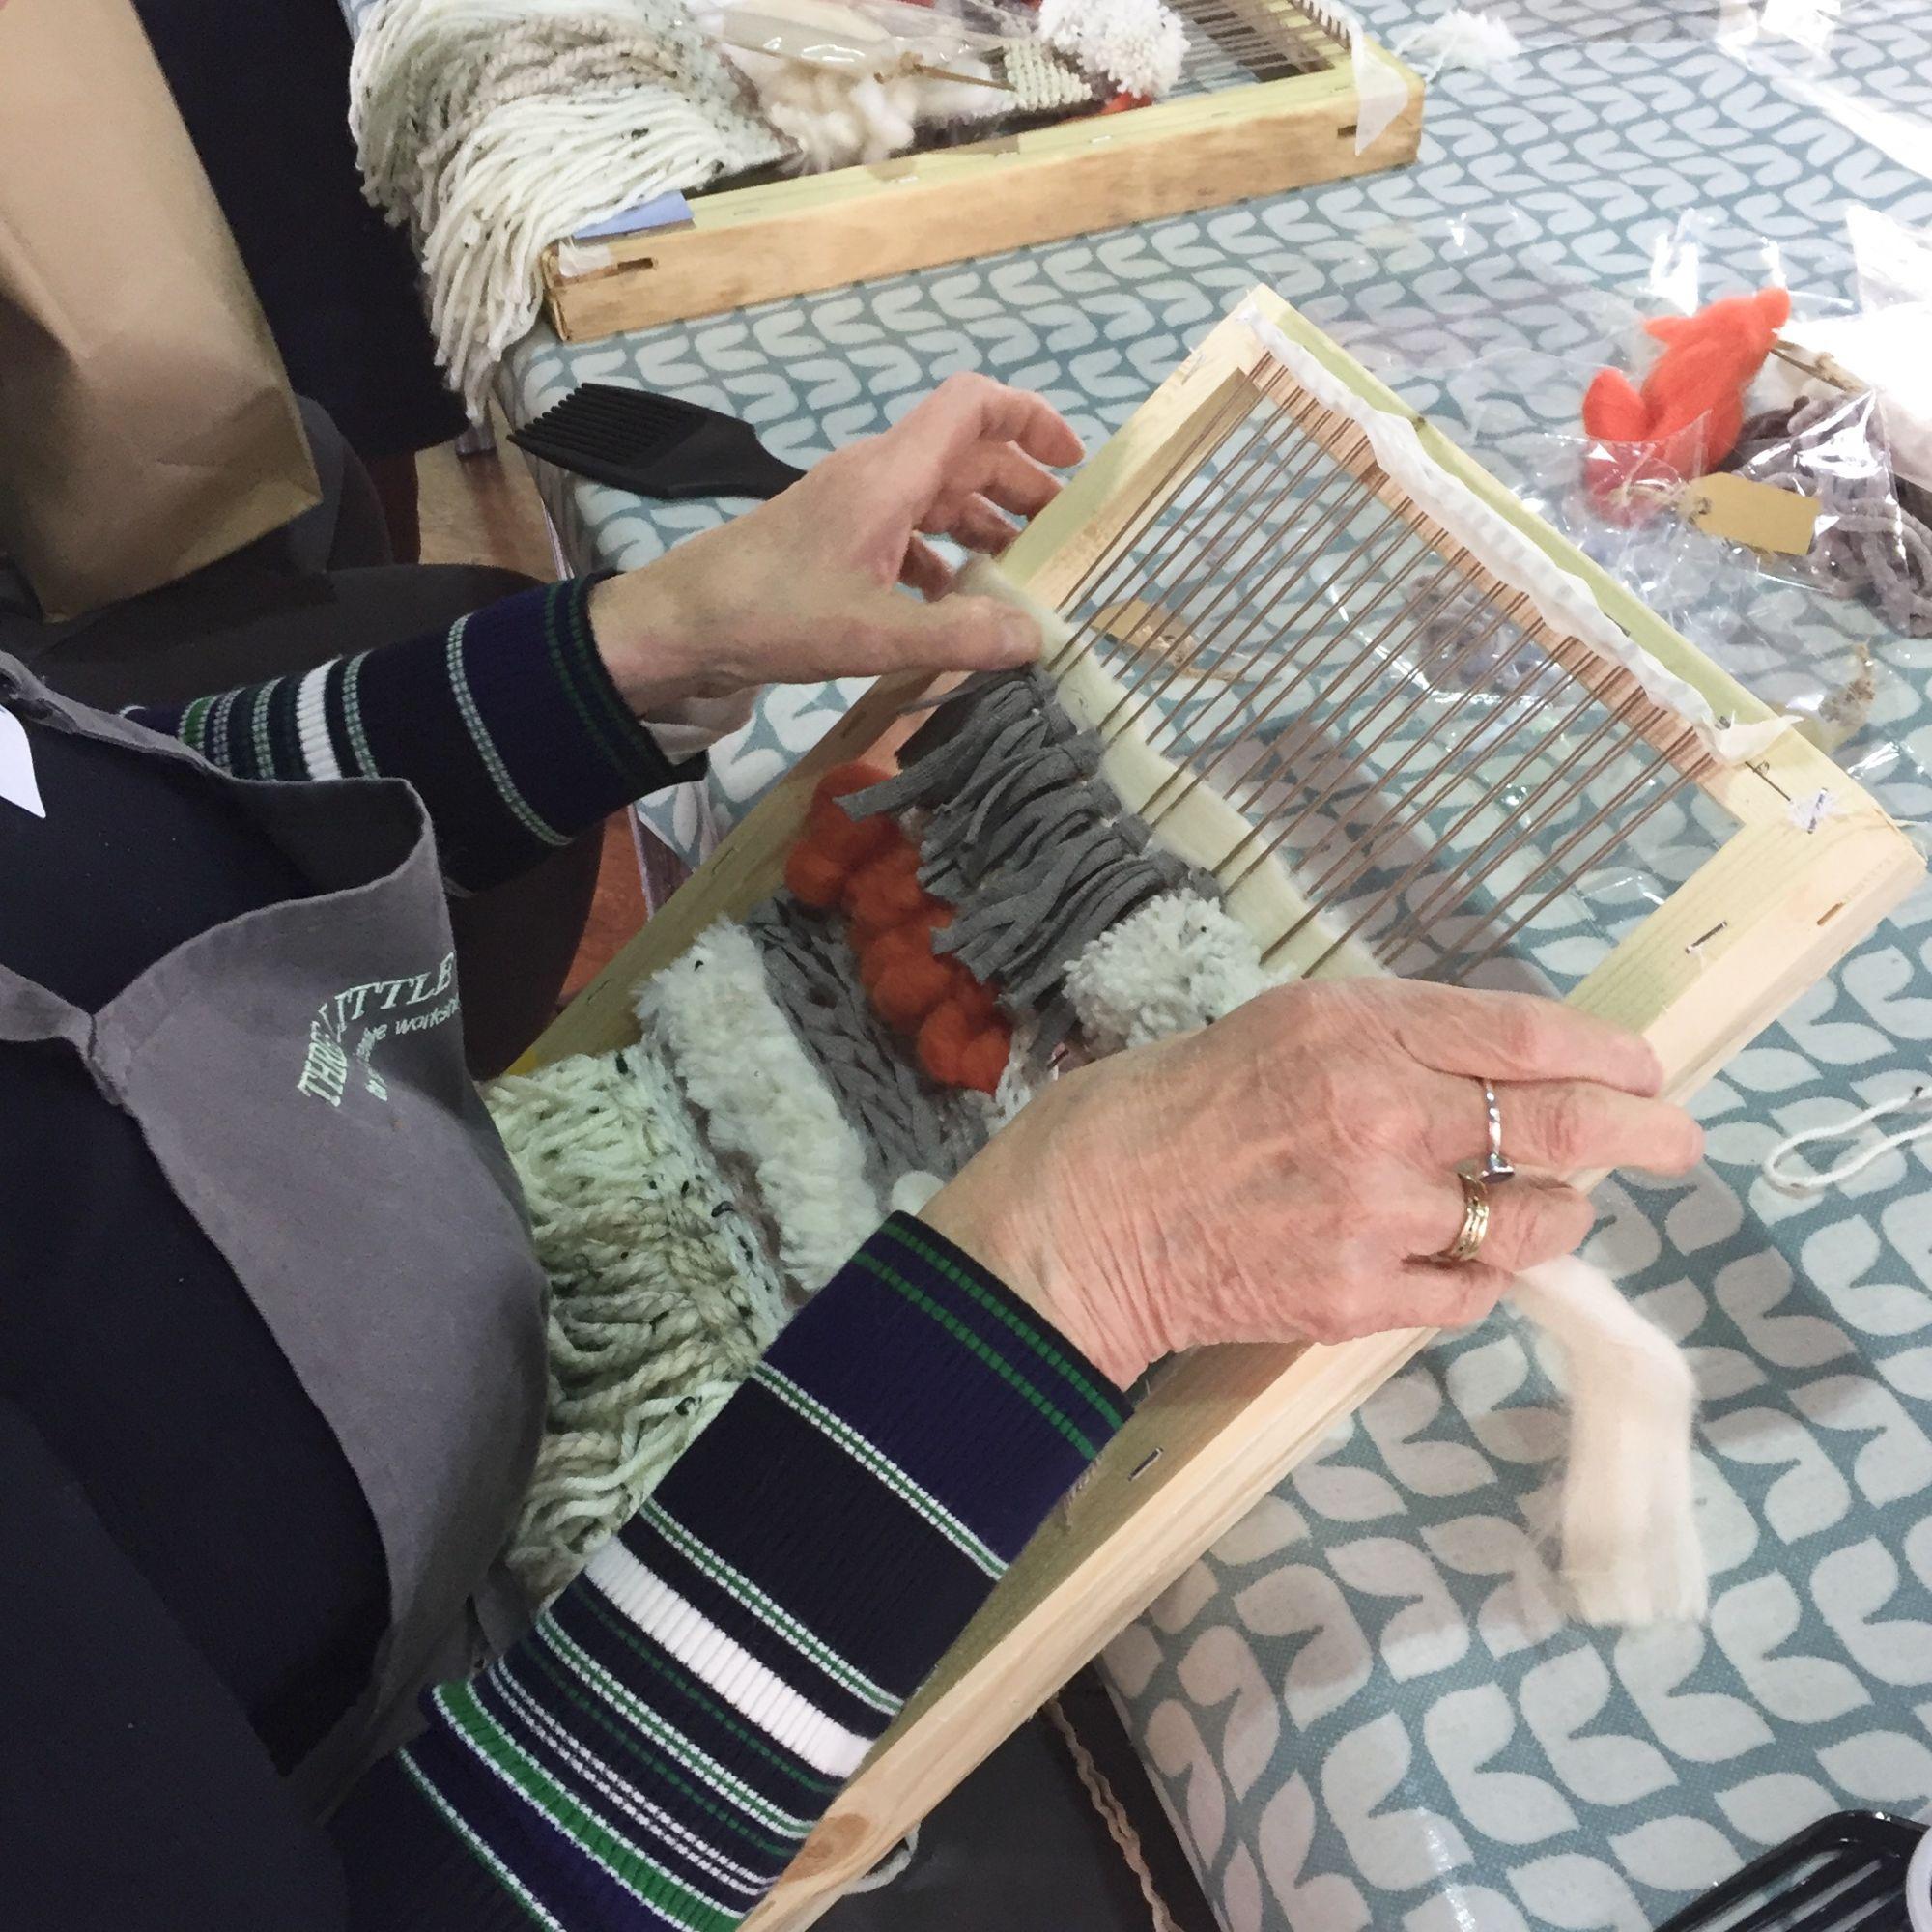 Loom Weaving Workshop - Beginners